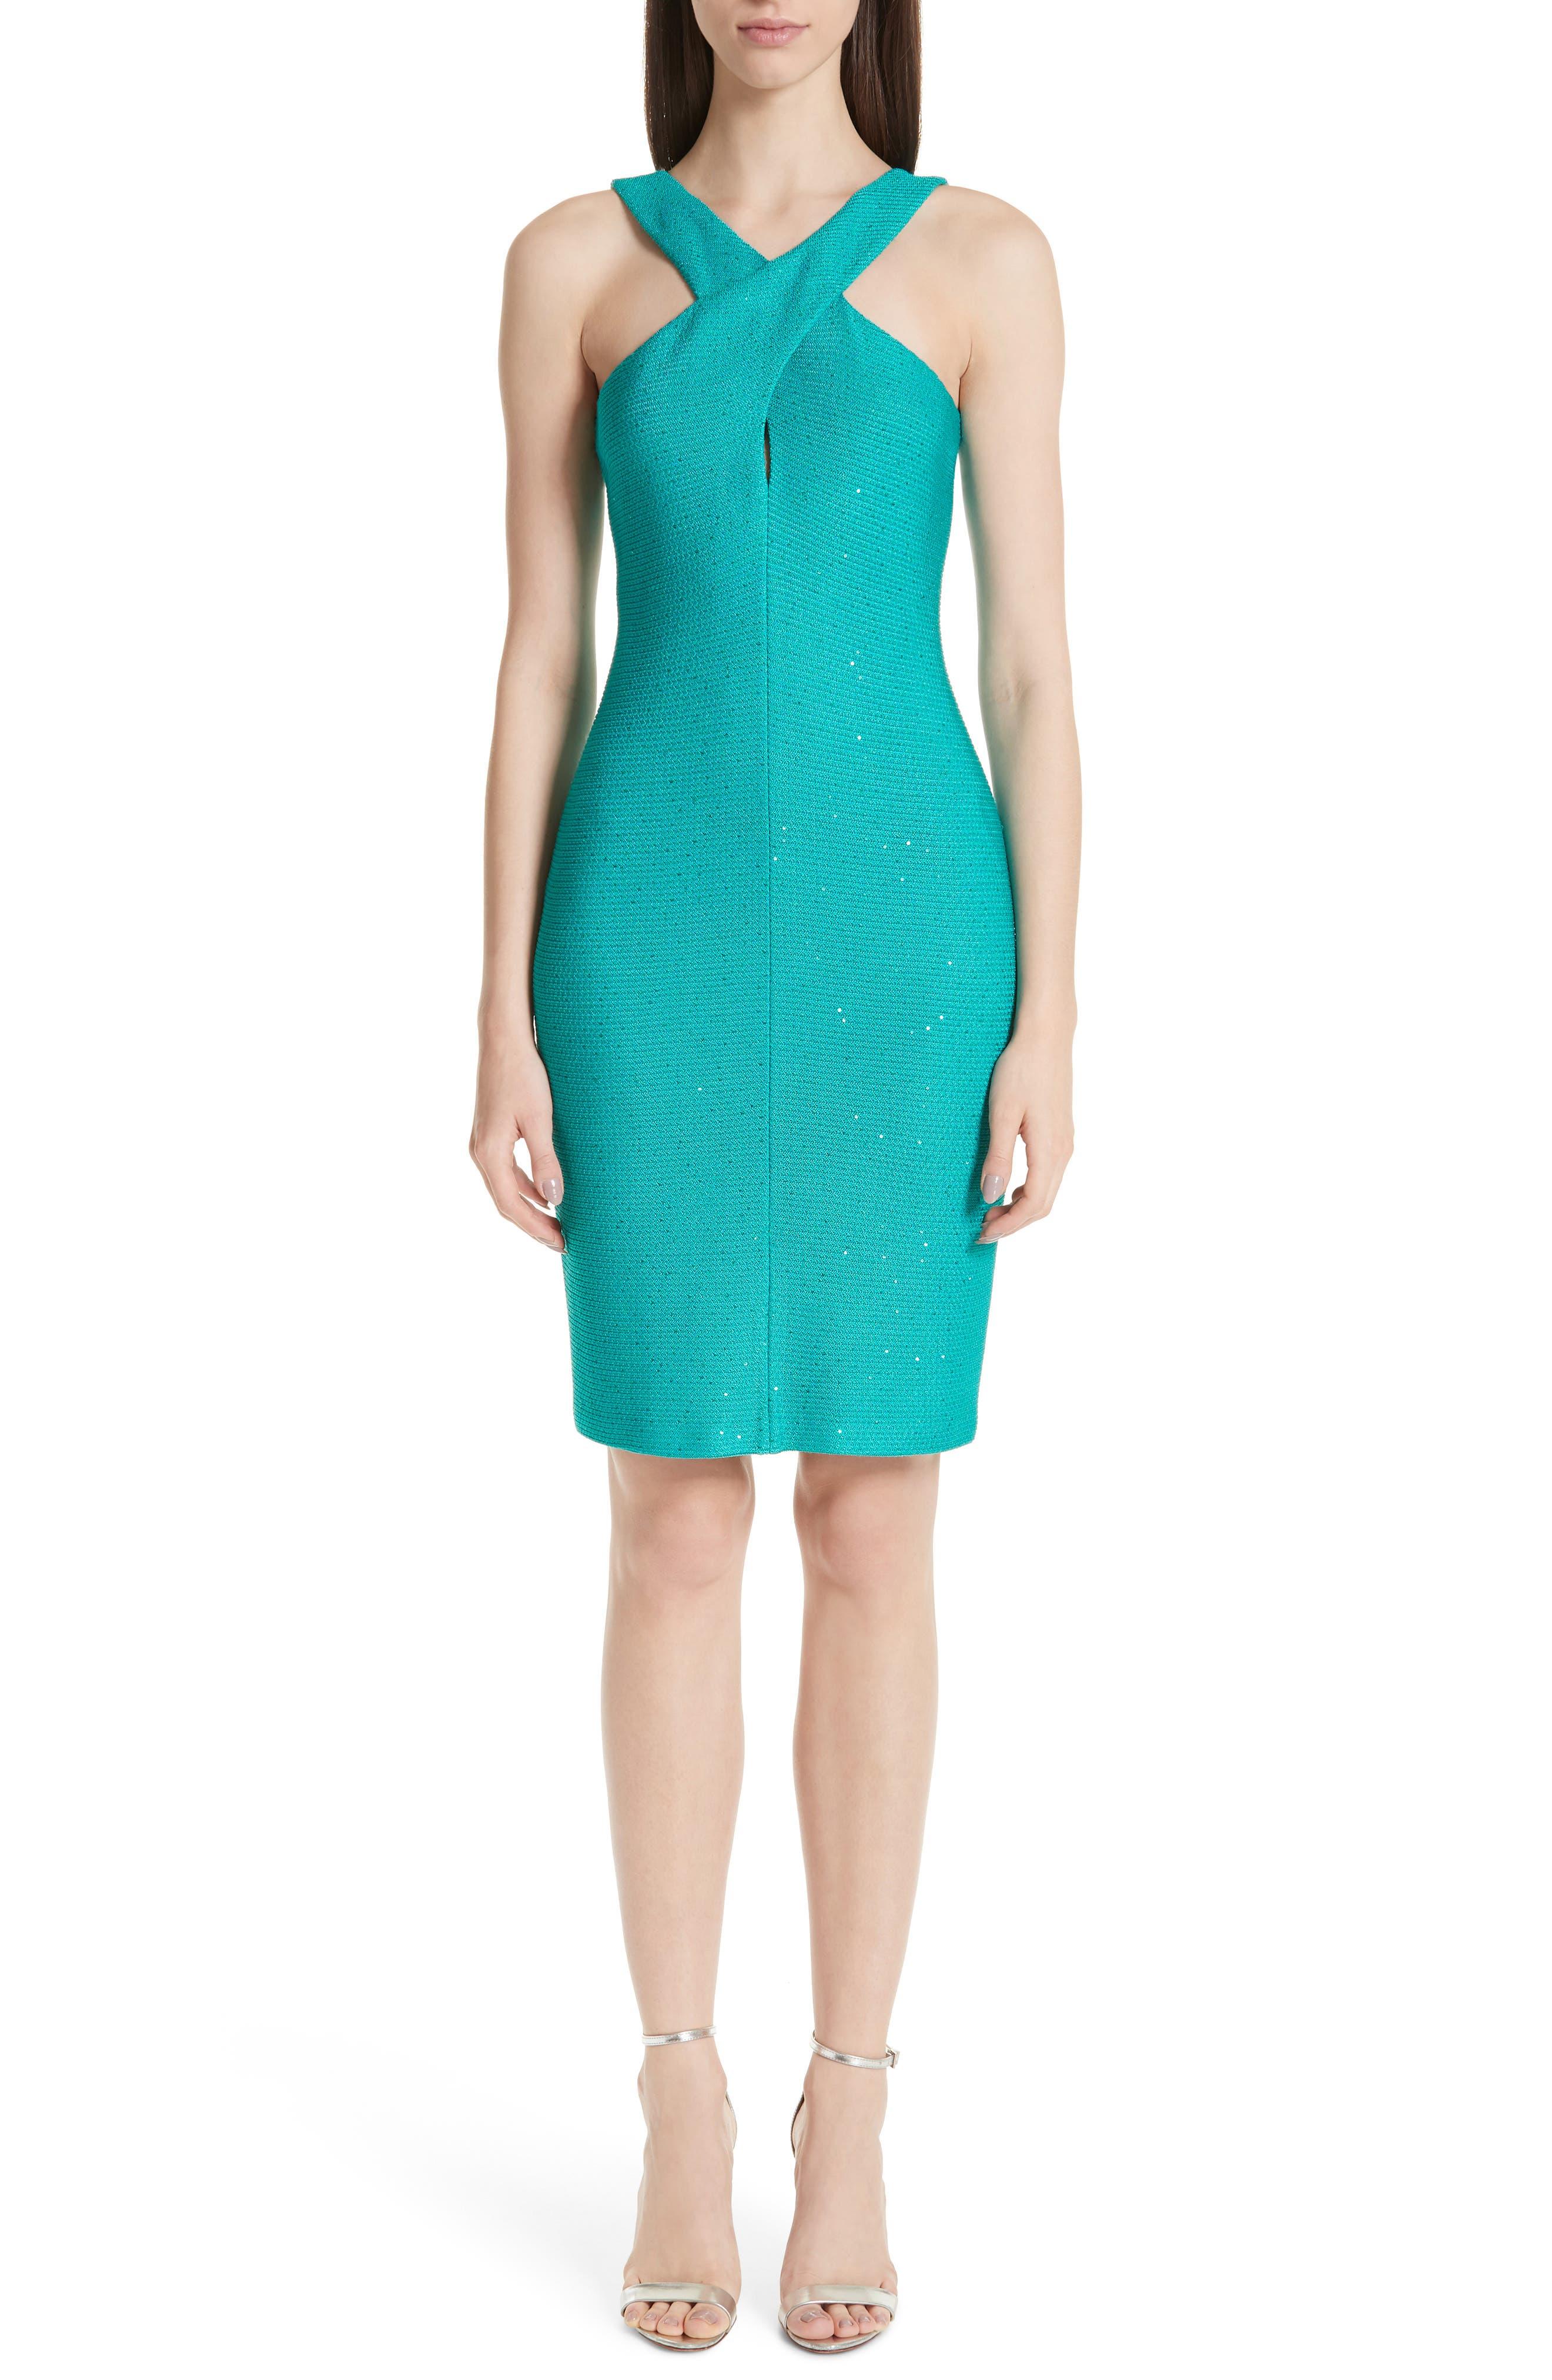 St. John Collection Blake Crisscross Neck Sequin Knit Dress